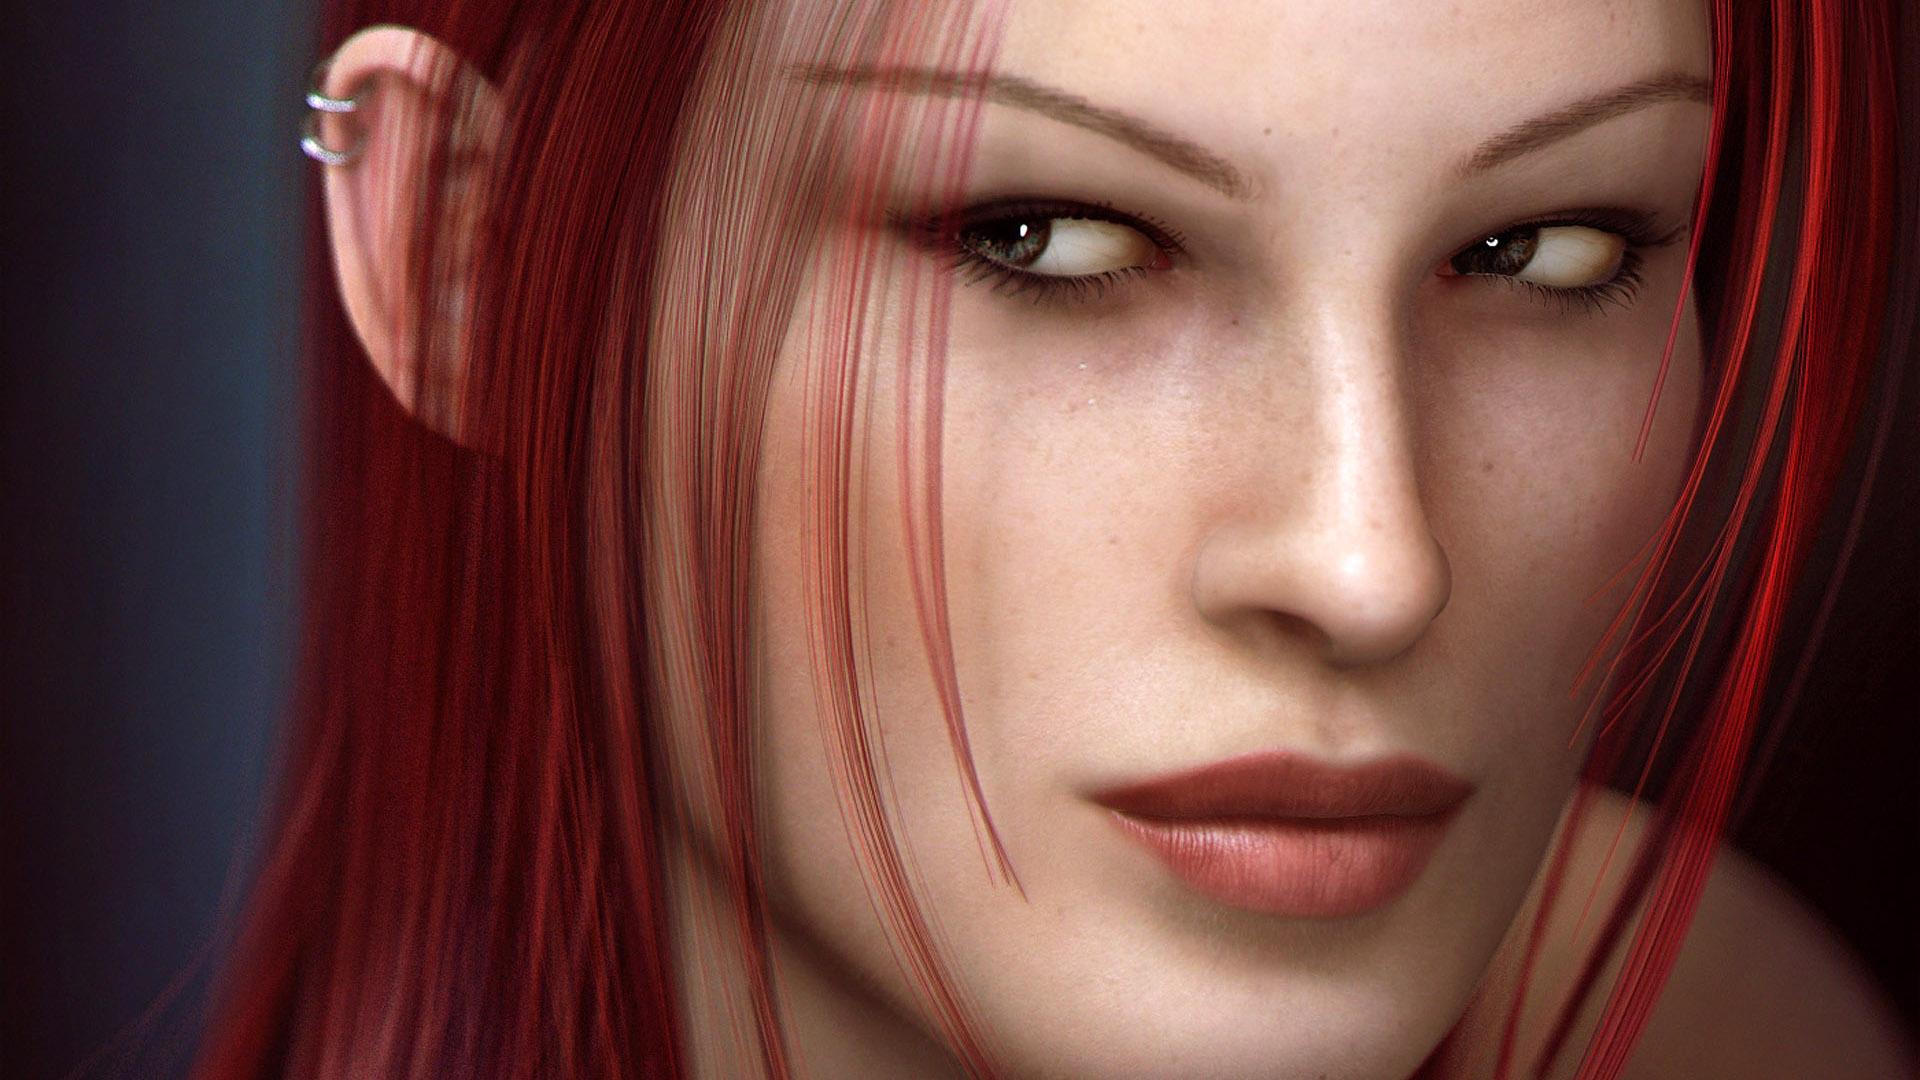 рыжеволосая девушка, фото, эльфийка, красивая девушка